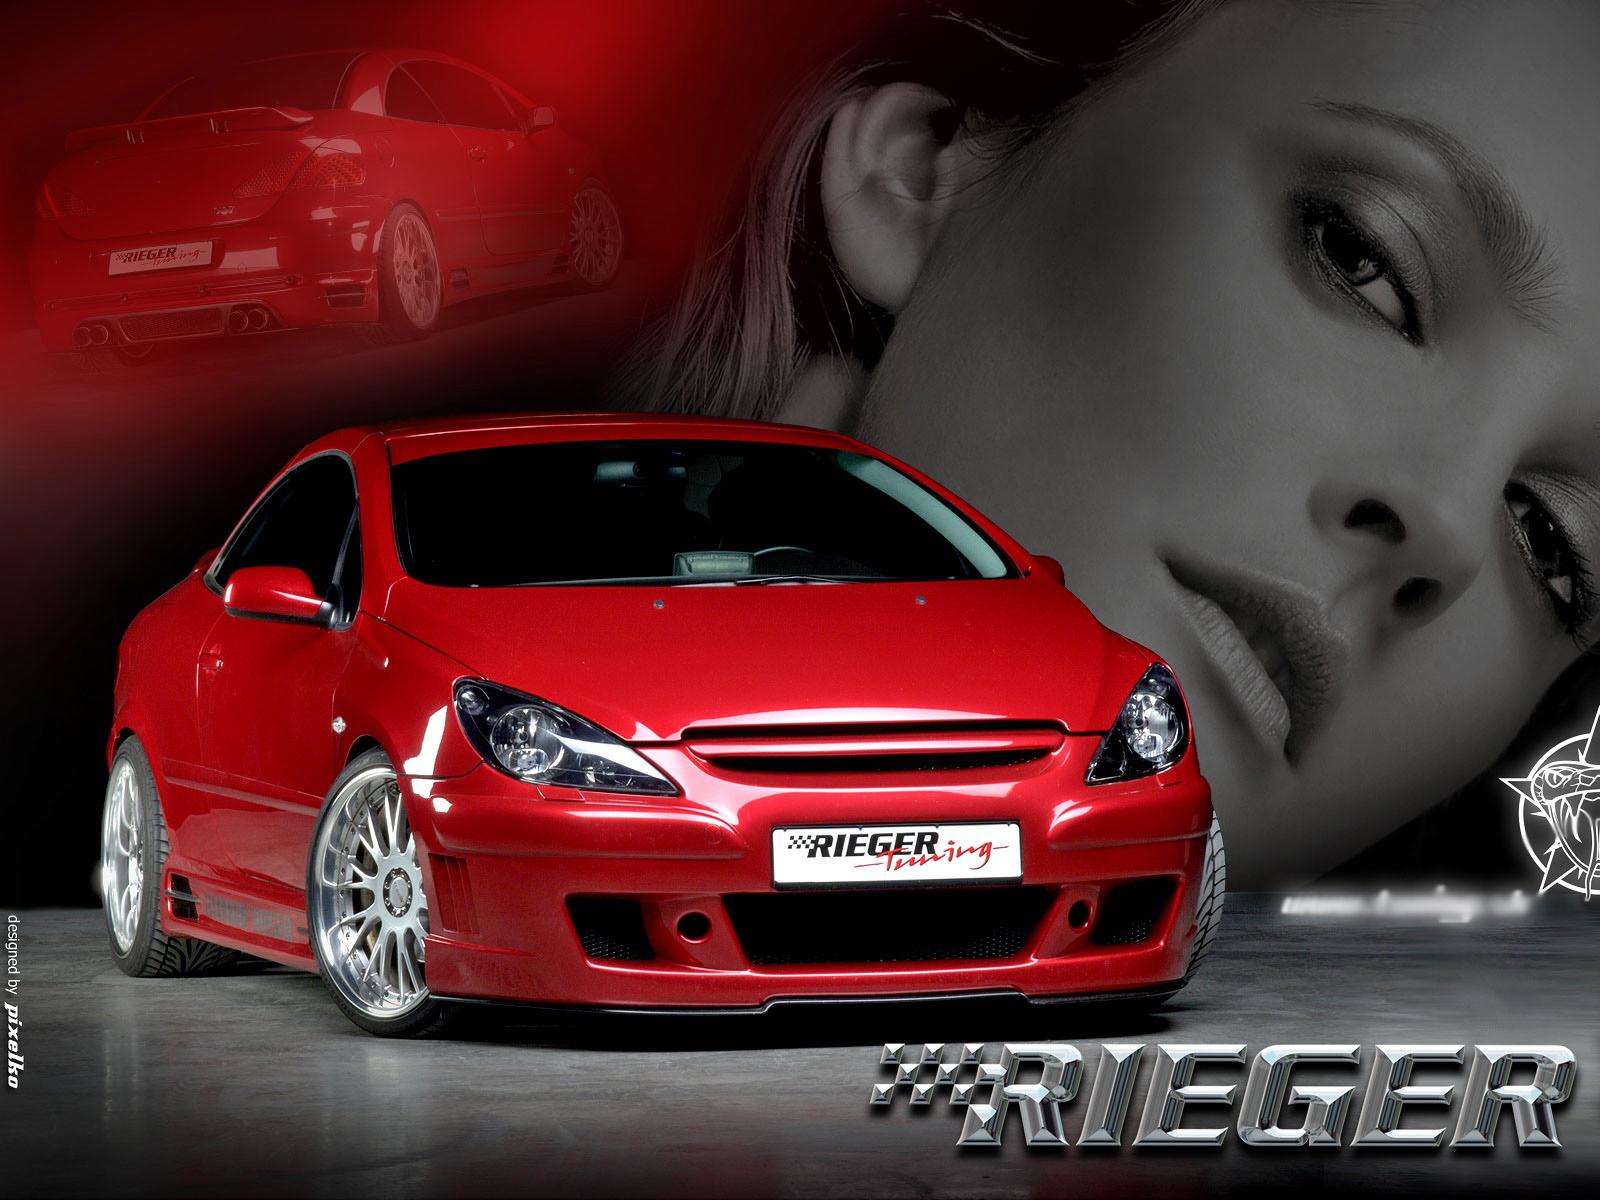 Peugeot Riege